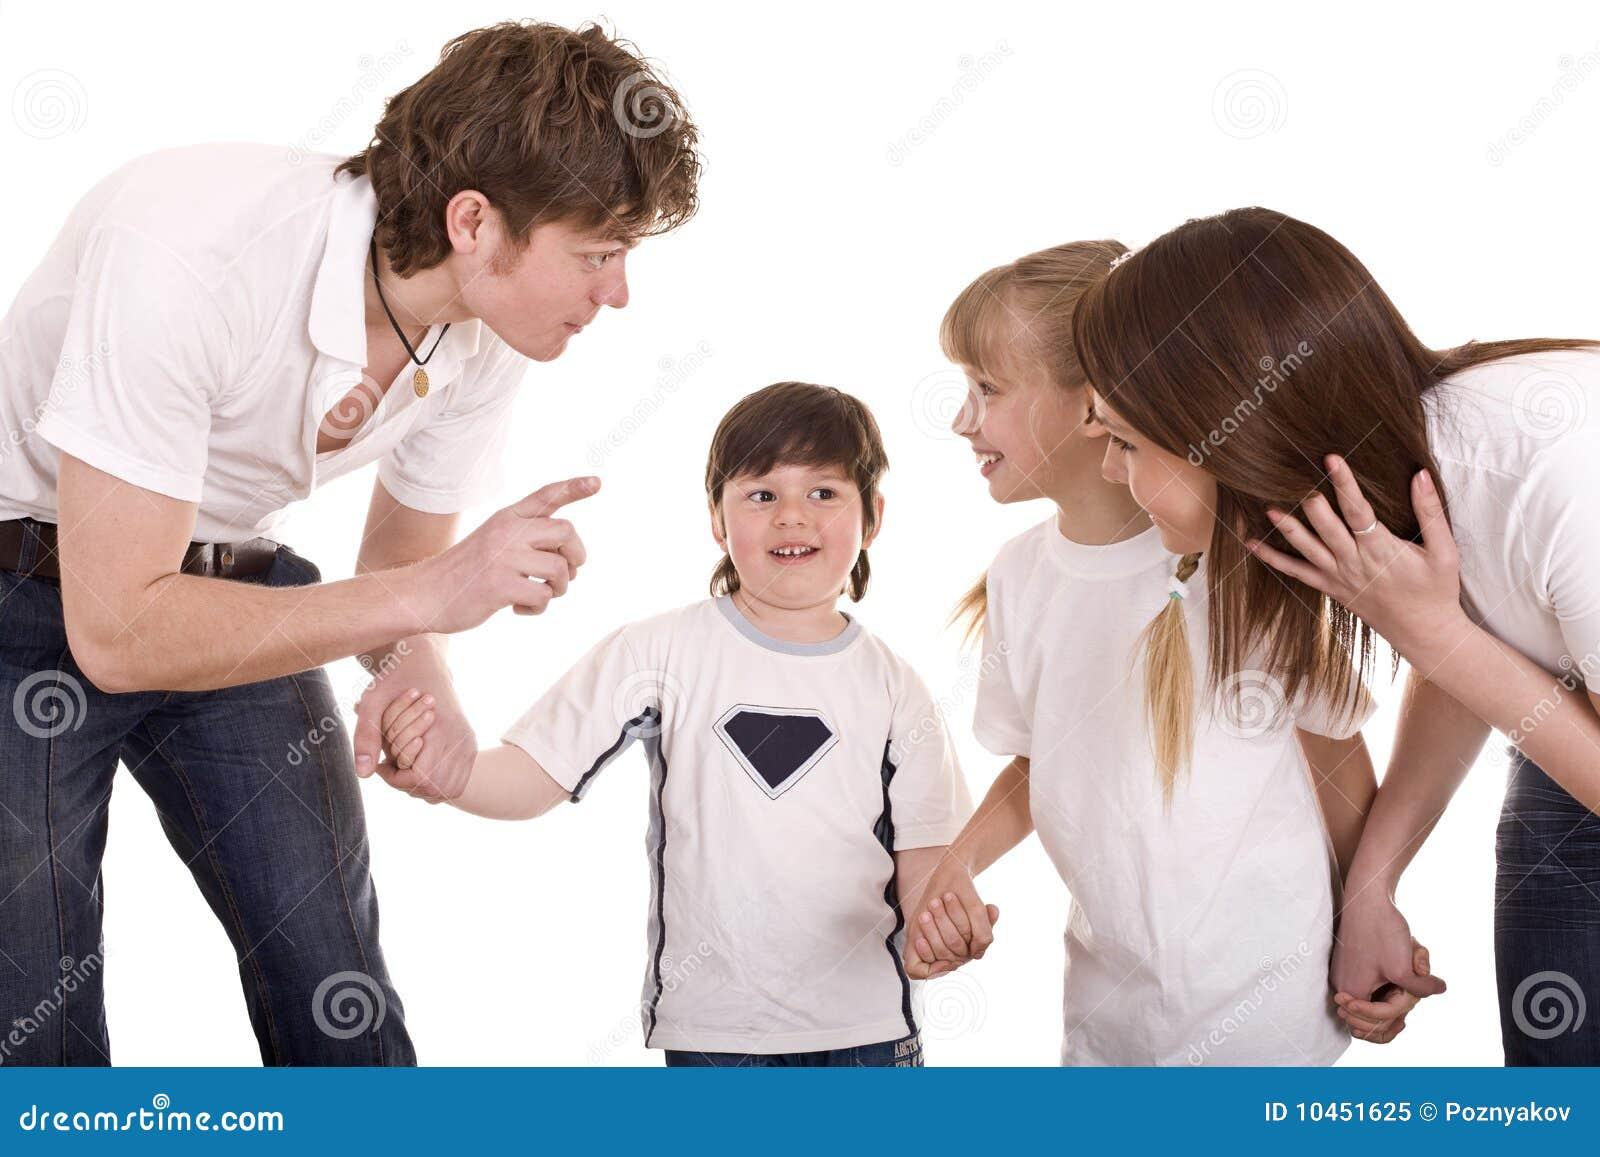 Parents Of Gay Children